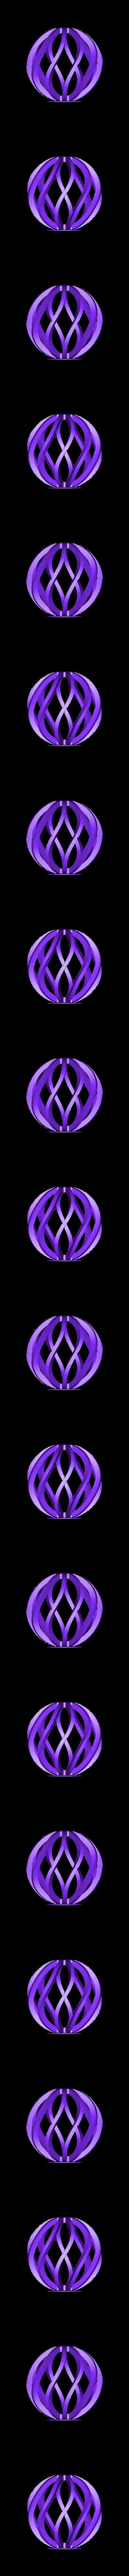 boule_de_noel_trois.stl Télécharger fichier STL gratuit Boule de Noël • Design à imprimer en 3D, Luci